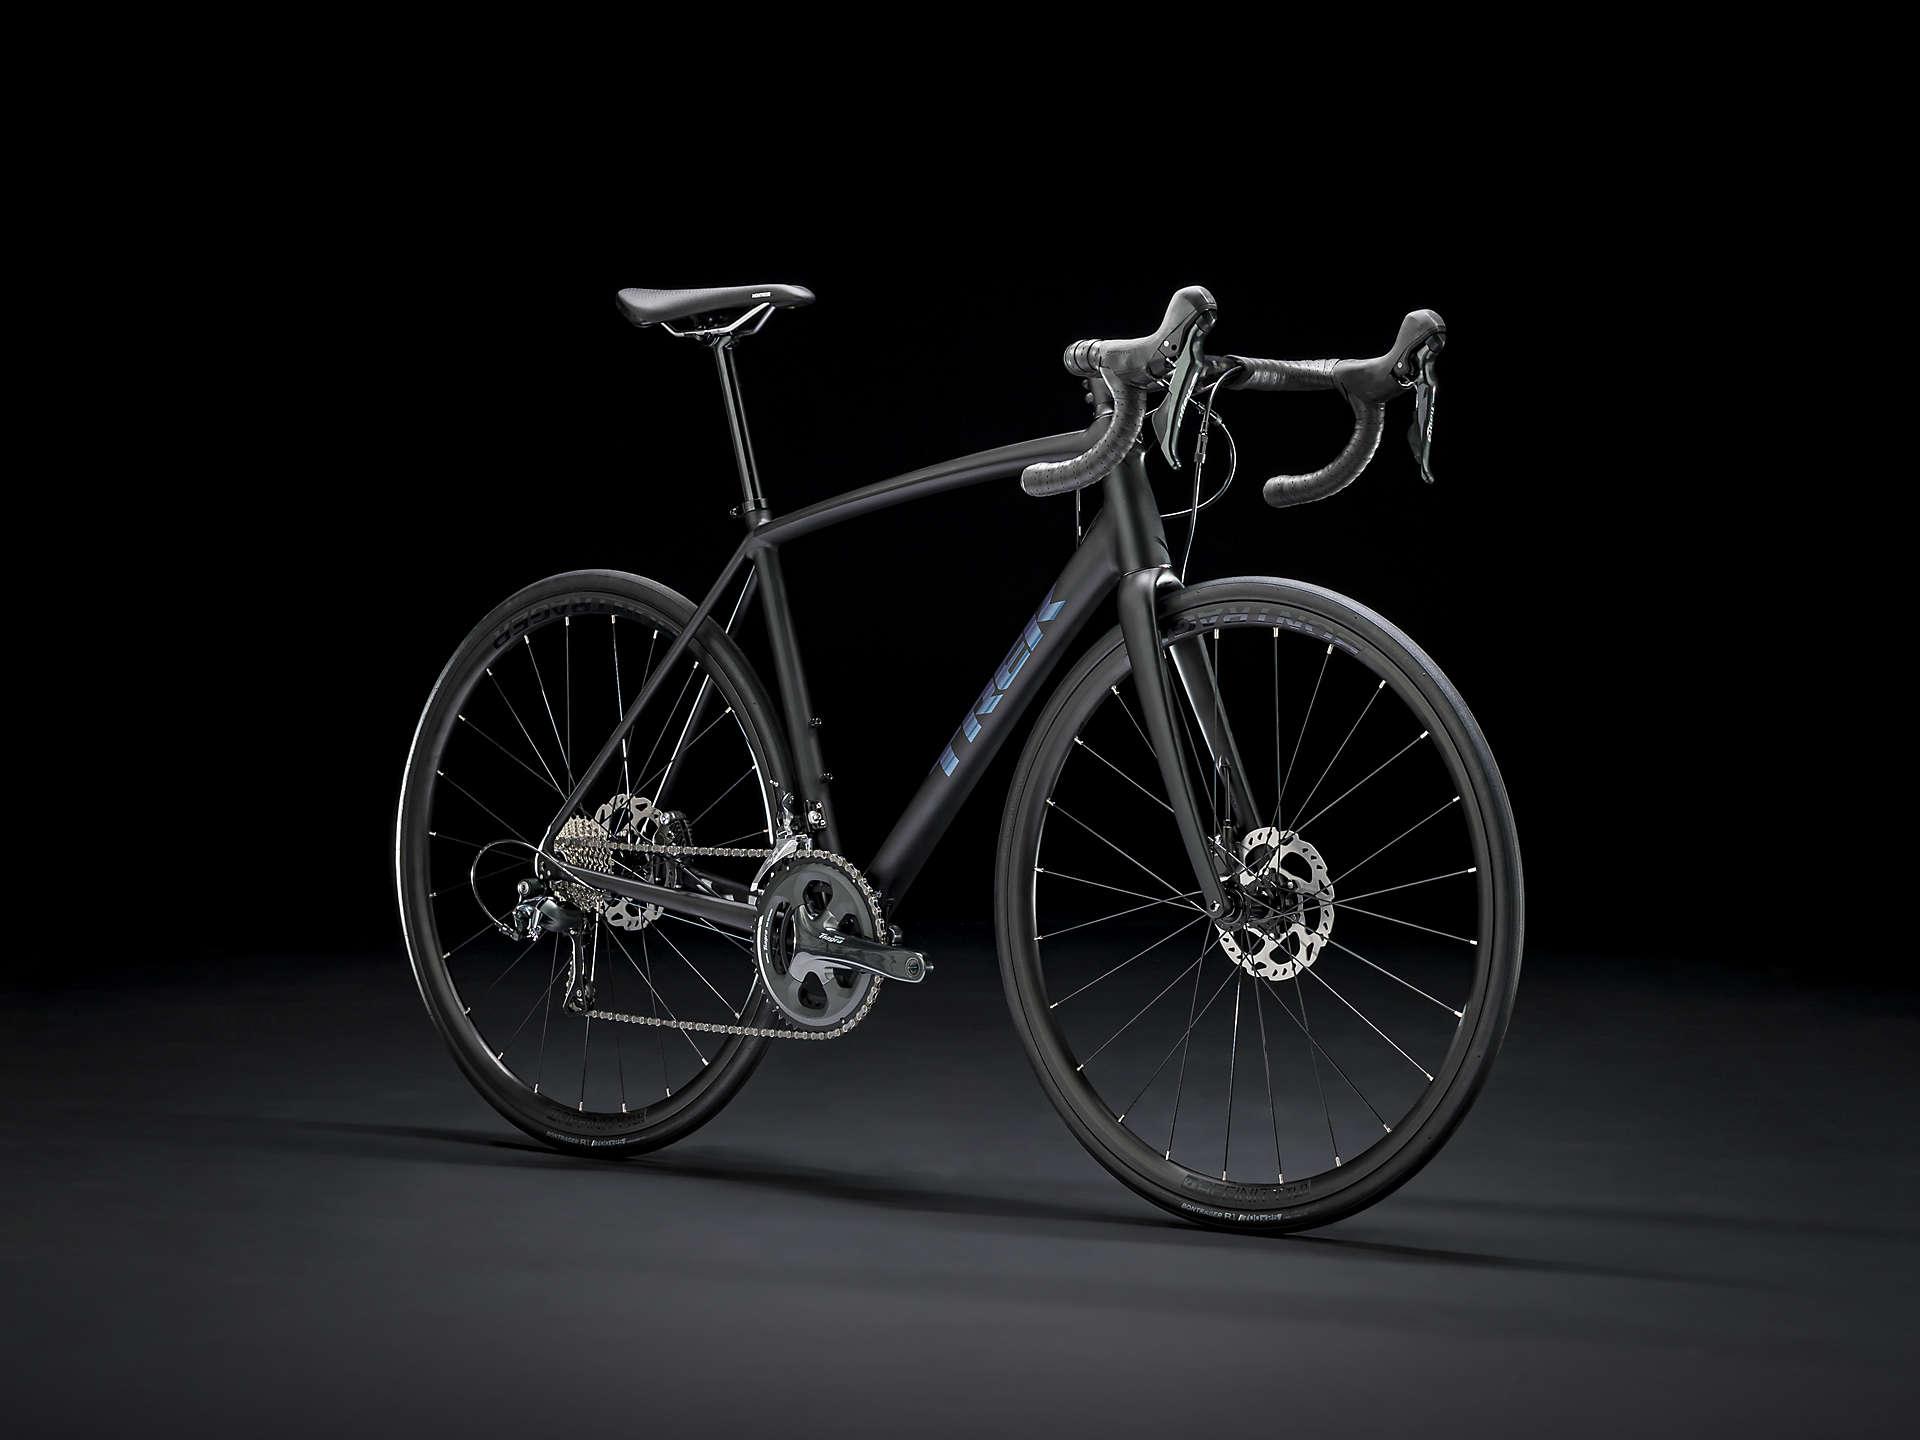 【2020年モデル】初めてのロードバイクにおすすめ!軽量アルミロード『Émonda ALR 4 & 5 Disc』が登場